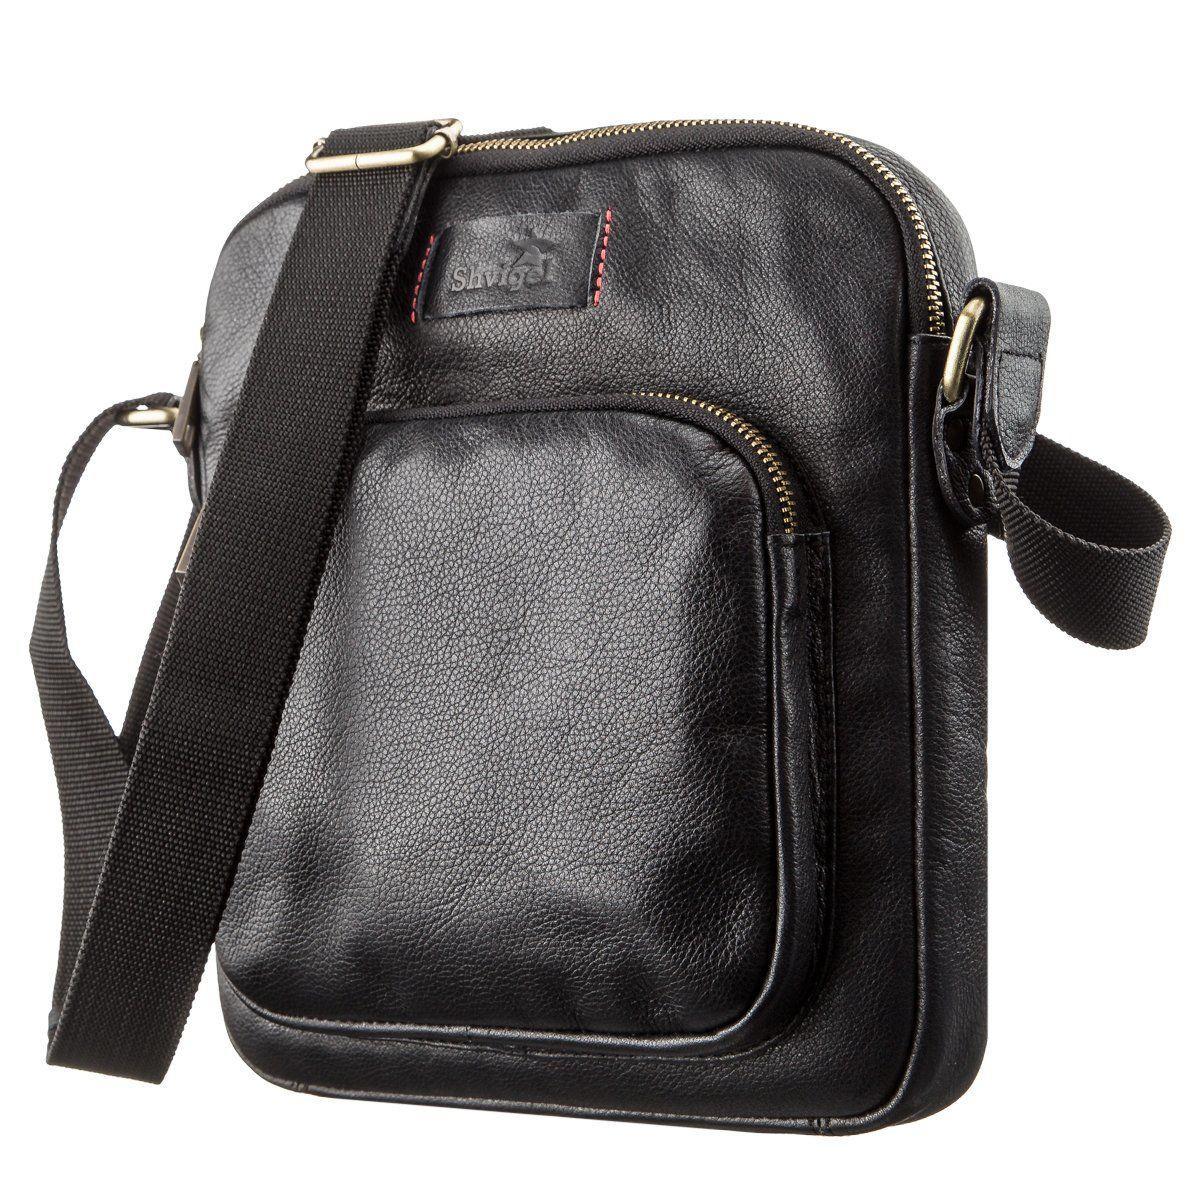 Мужская кожаная сумка SHVIGEL 19111 Черная, Черный